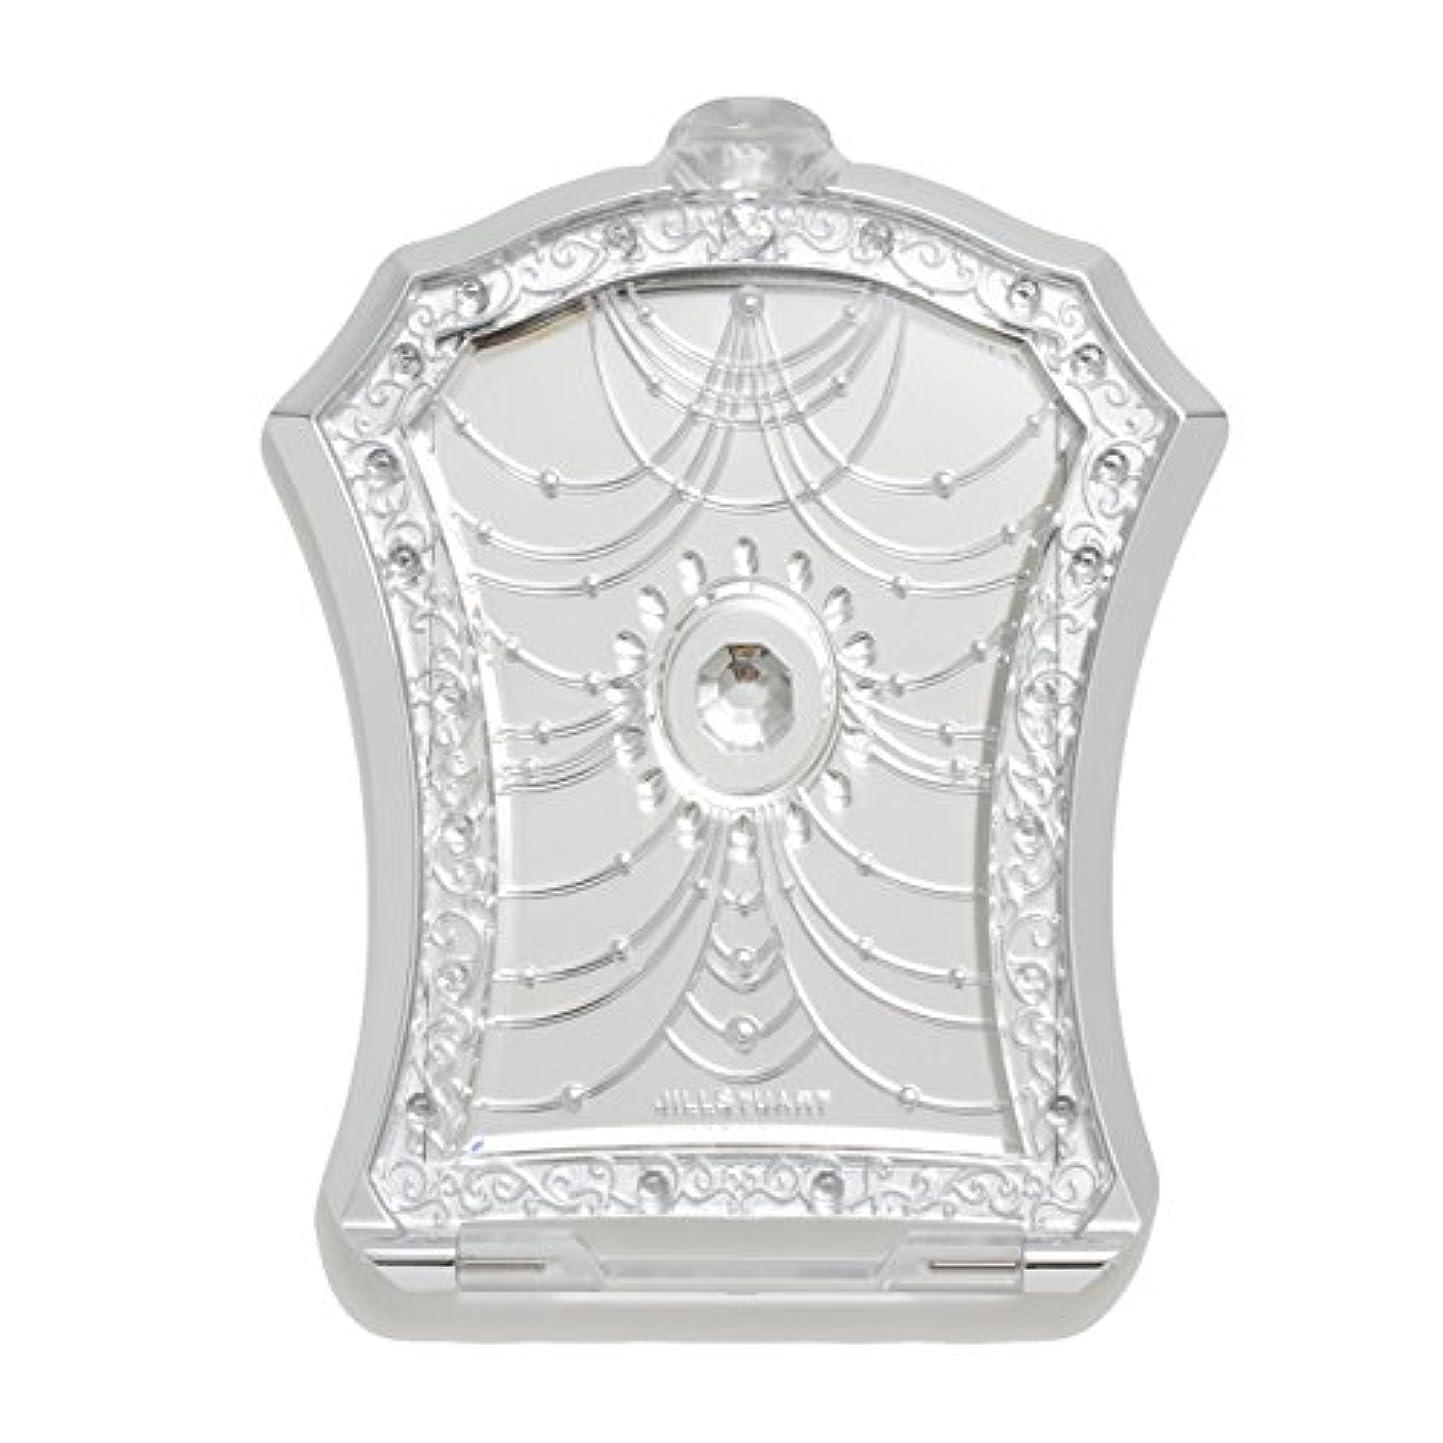 機構届ける子孫ジルスチュアート JILL STUART ミラー 鏡 手鏡 Beauty Compact Mirror スクエア 四角 コンパクト ミラー 20743